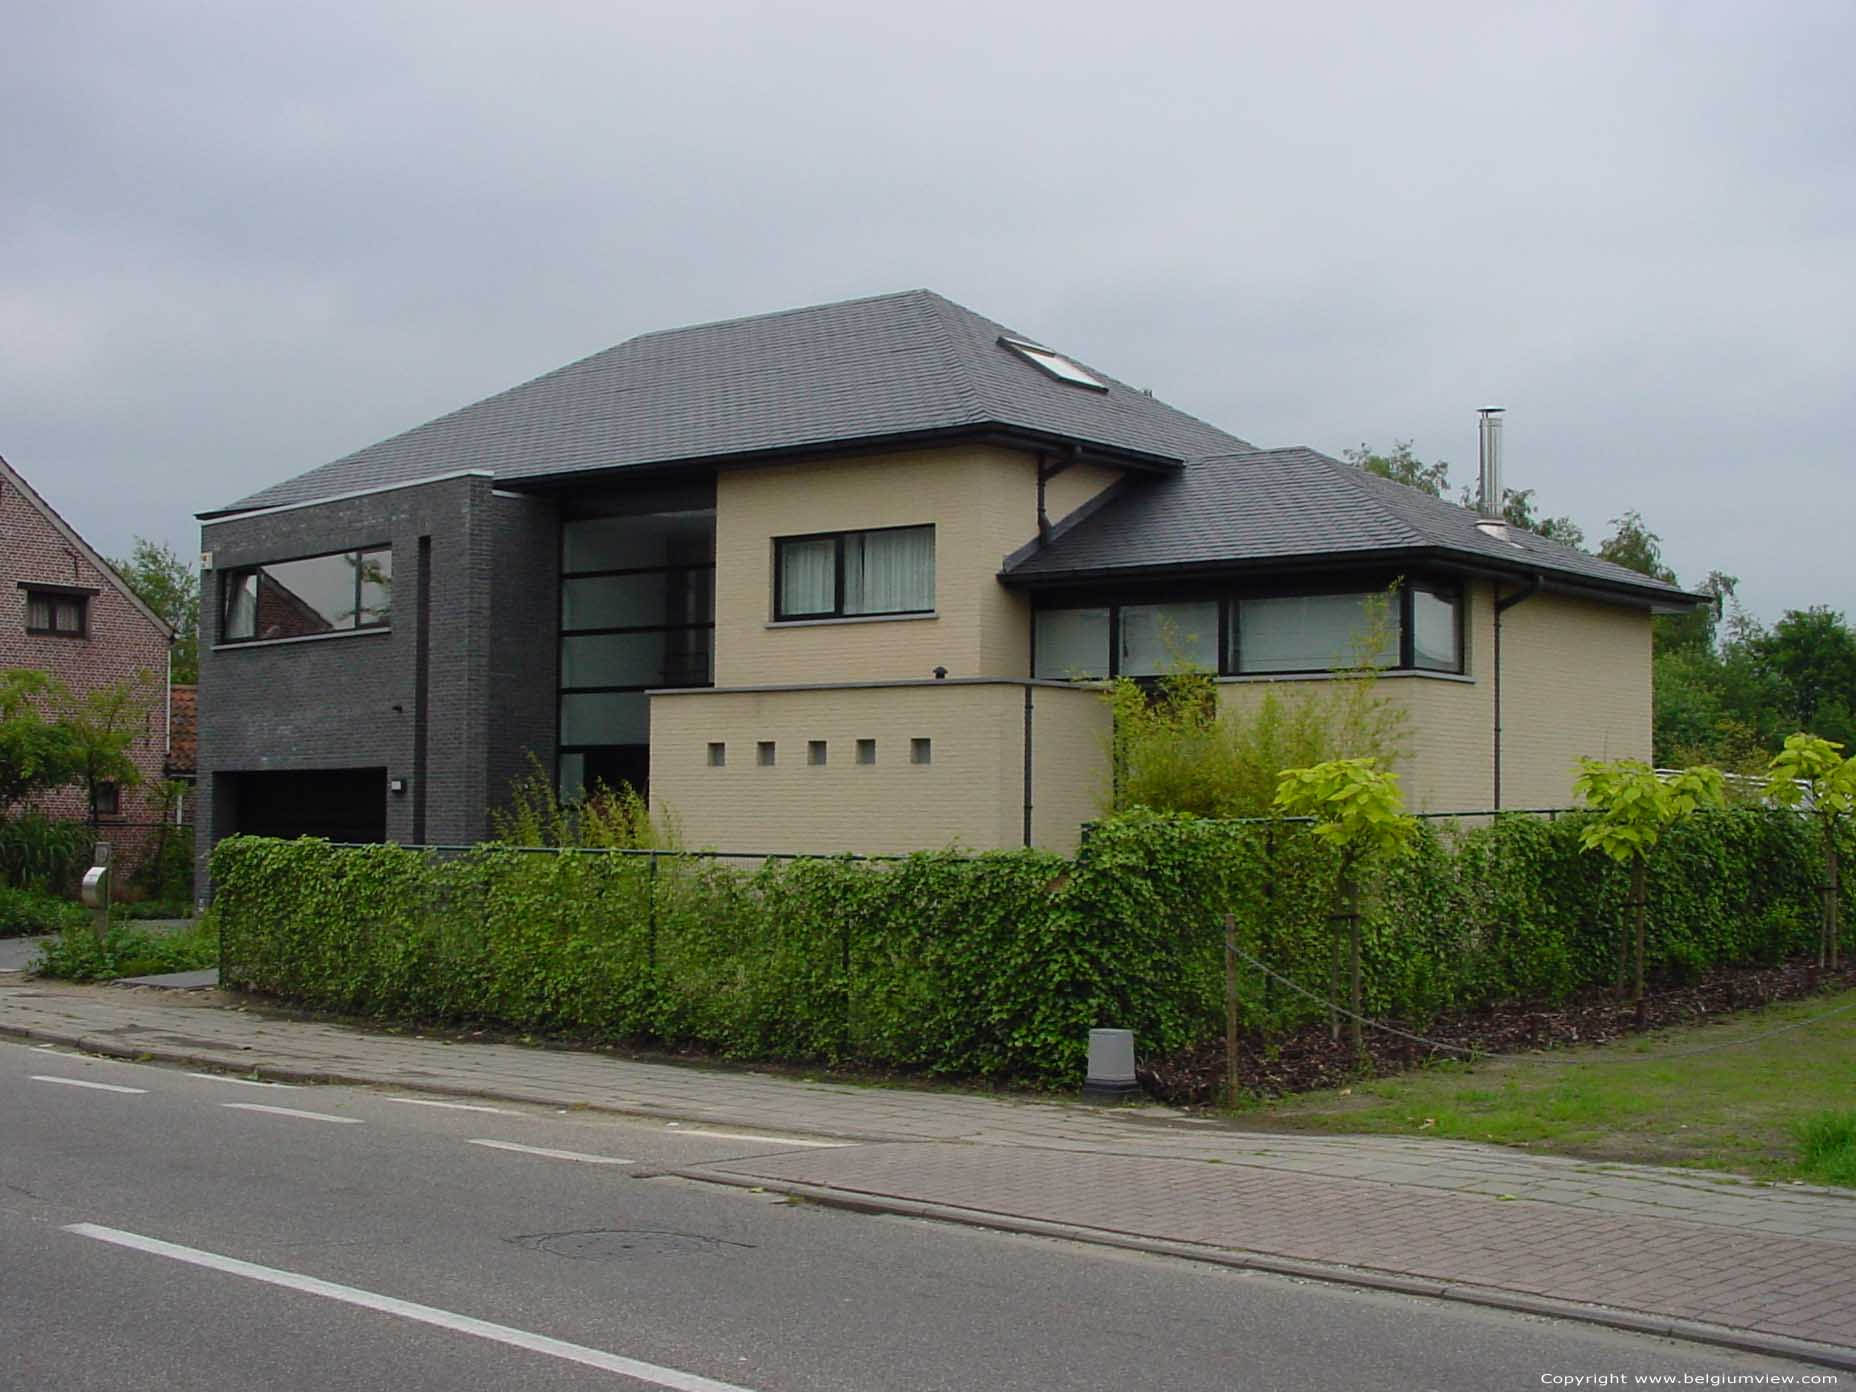 Moderne woning hofstade zemst foto for Moderne huis foto